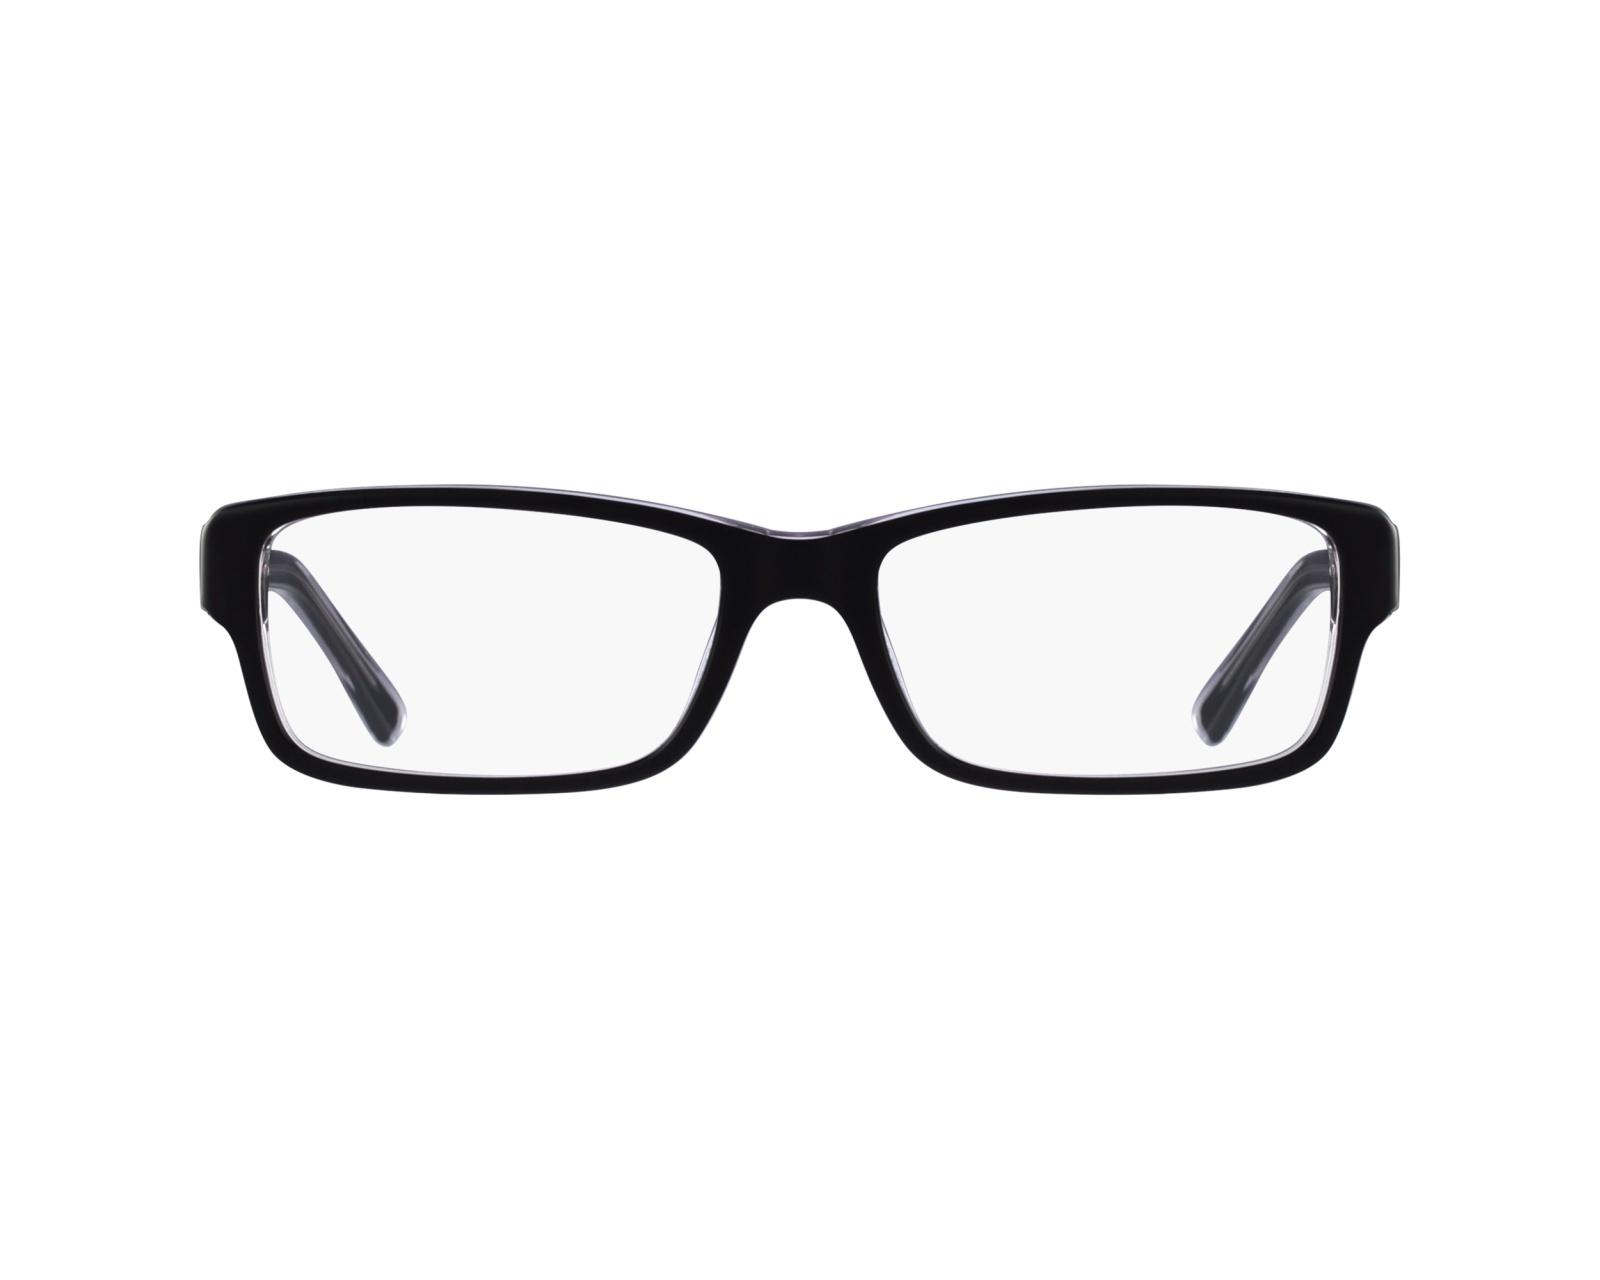 b13fca2f713 eyeglasses Ray-Ban RX-5169 2034 52-16 Black Crystal profile view